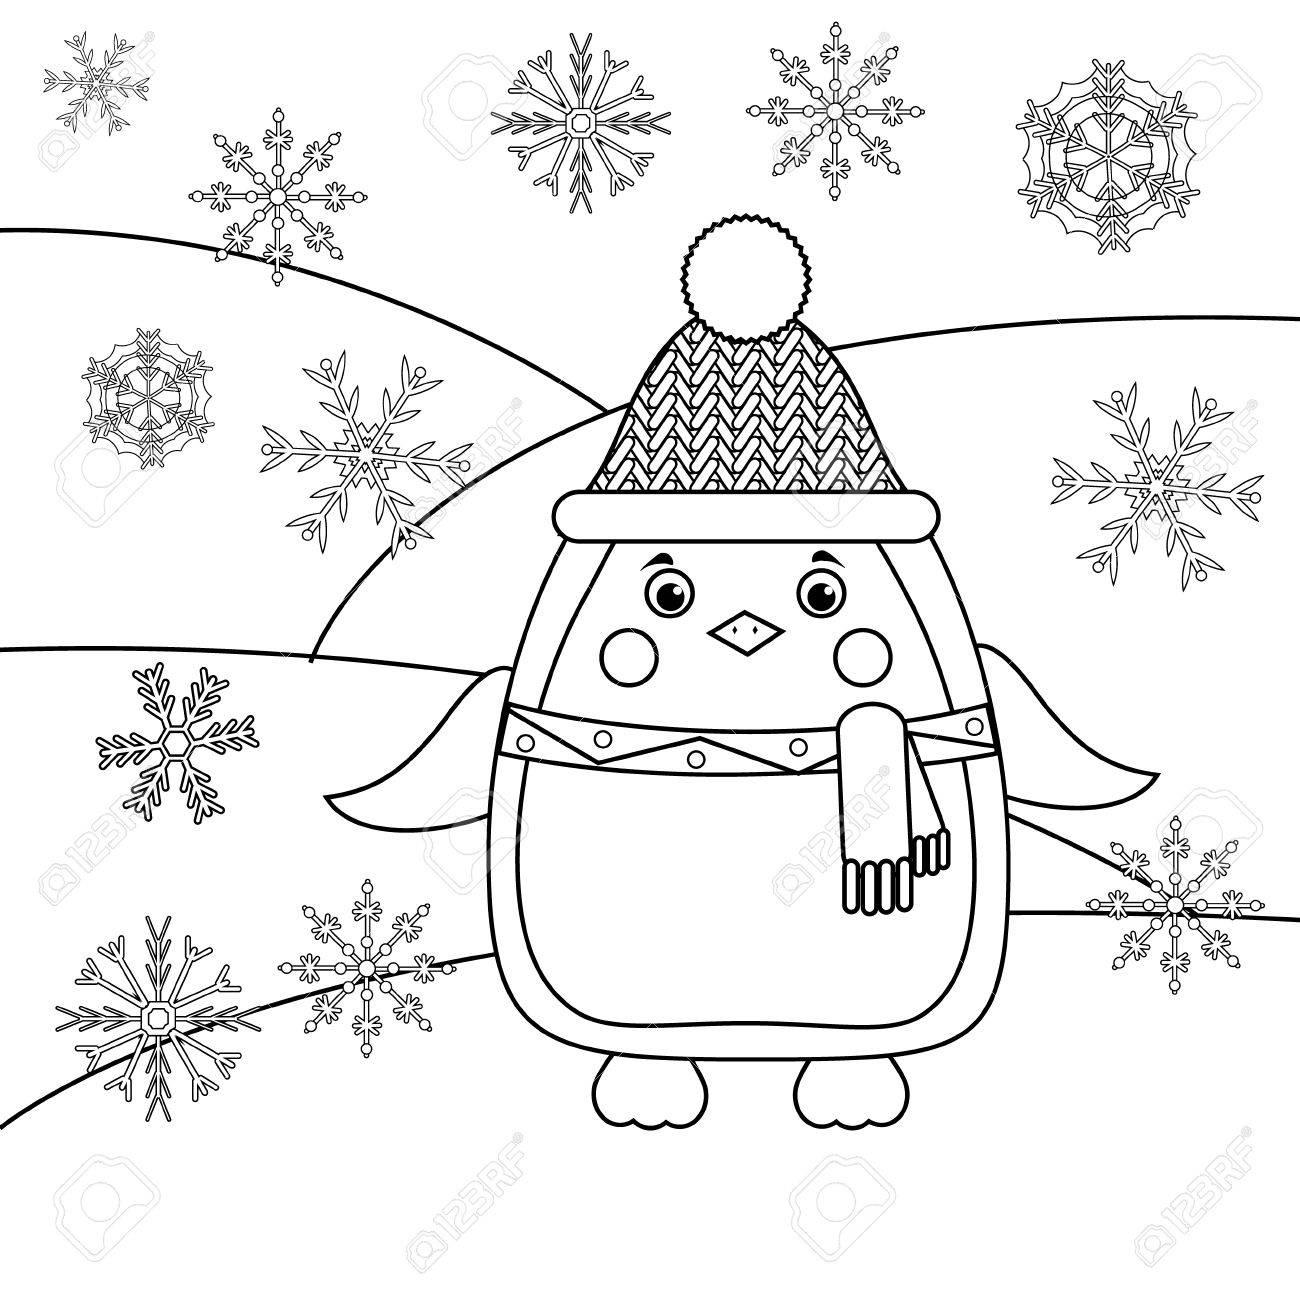 Dibujo Para Colorear Con El Pingüino En El Sombrero Y La Bufanda Y